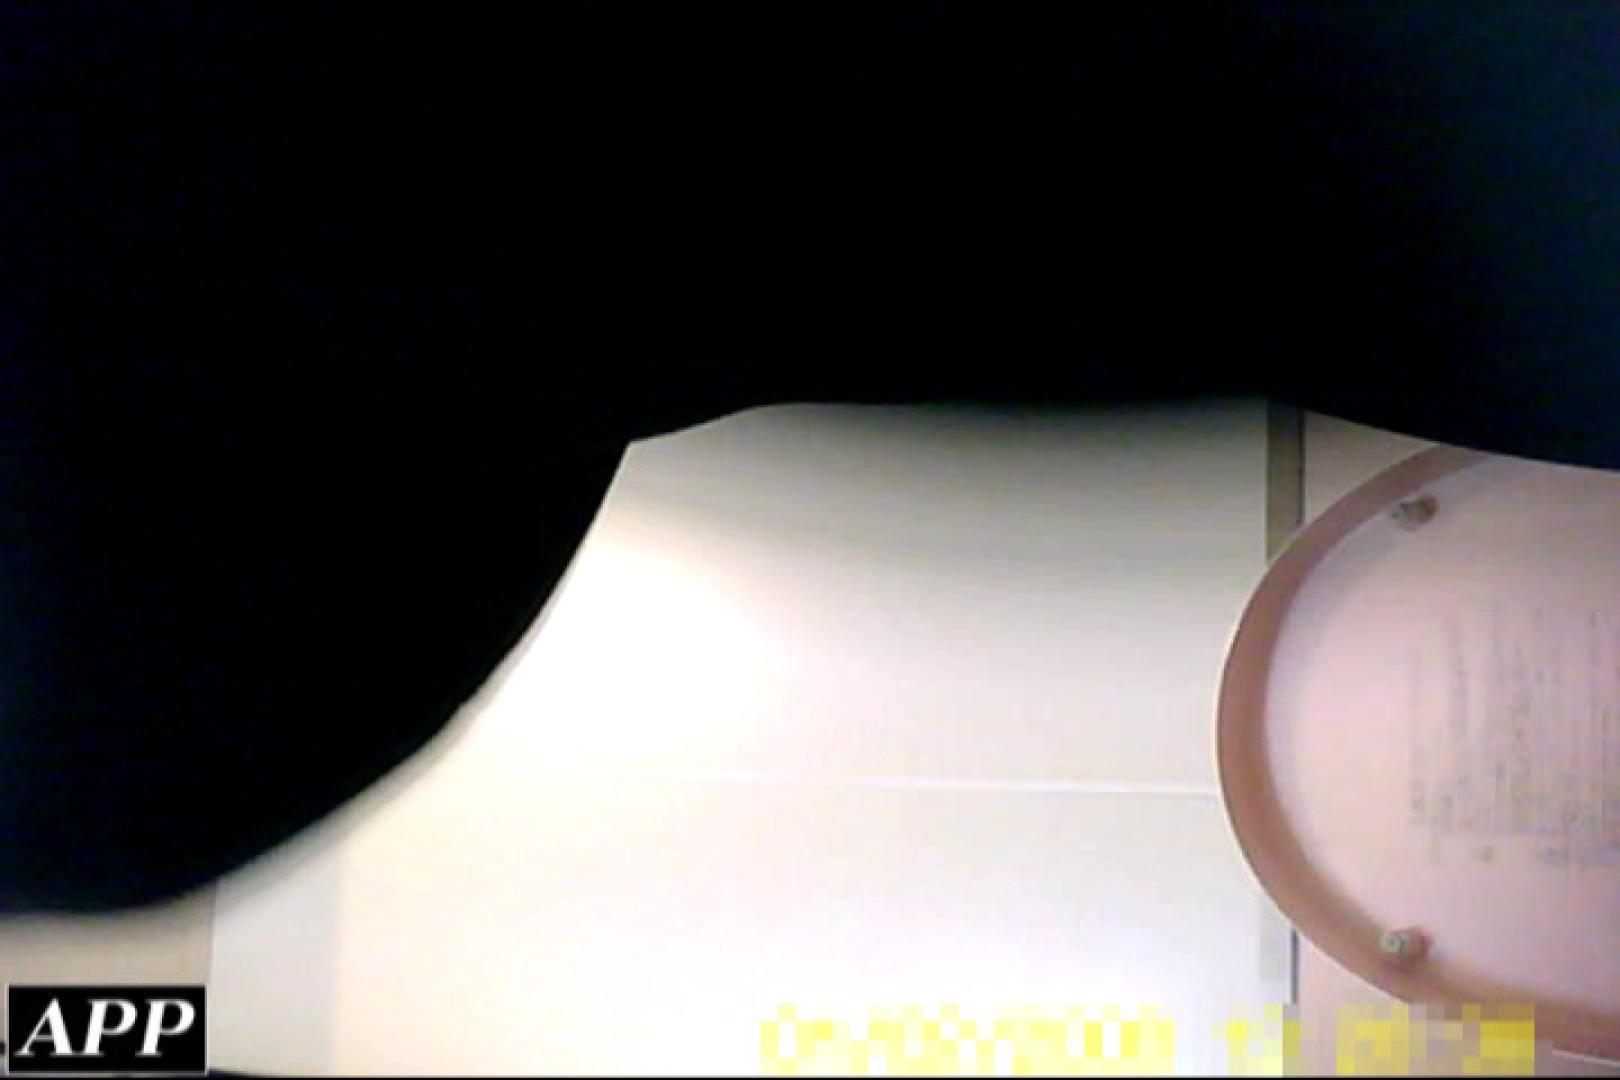 3視点洗面所 vol.117 肛門流出 盗撮動画紹介 81連発 65